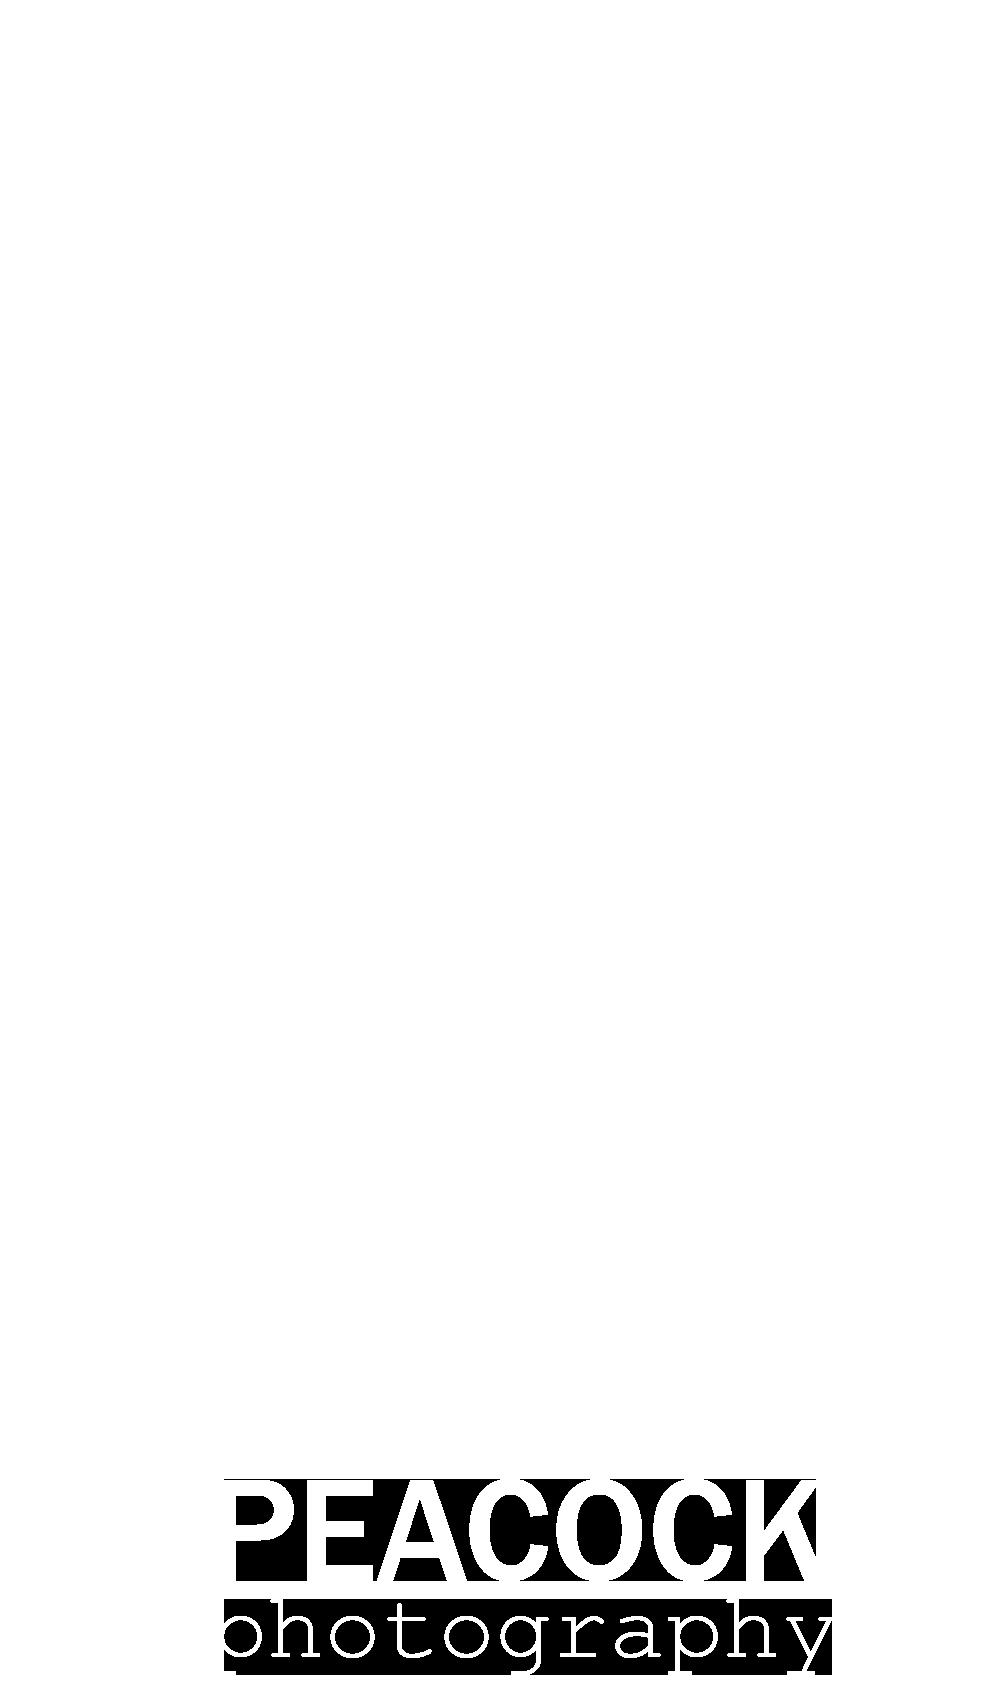 peacock logo z tekstem